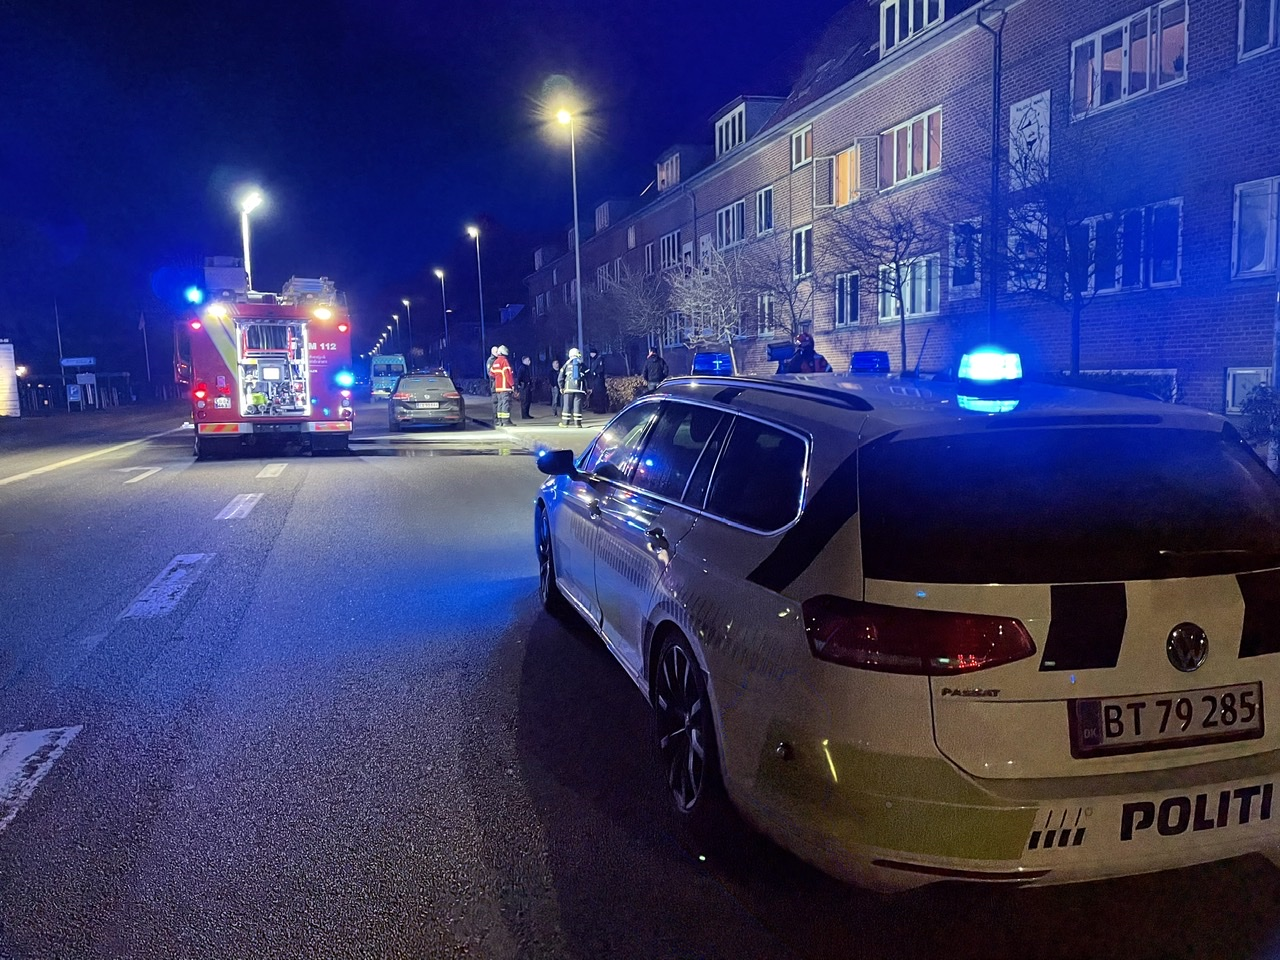 Ild i lejlighed i Esbjerg torsdag aften